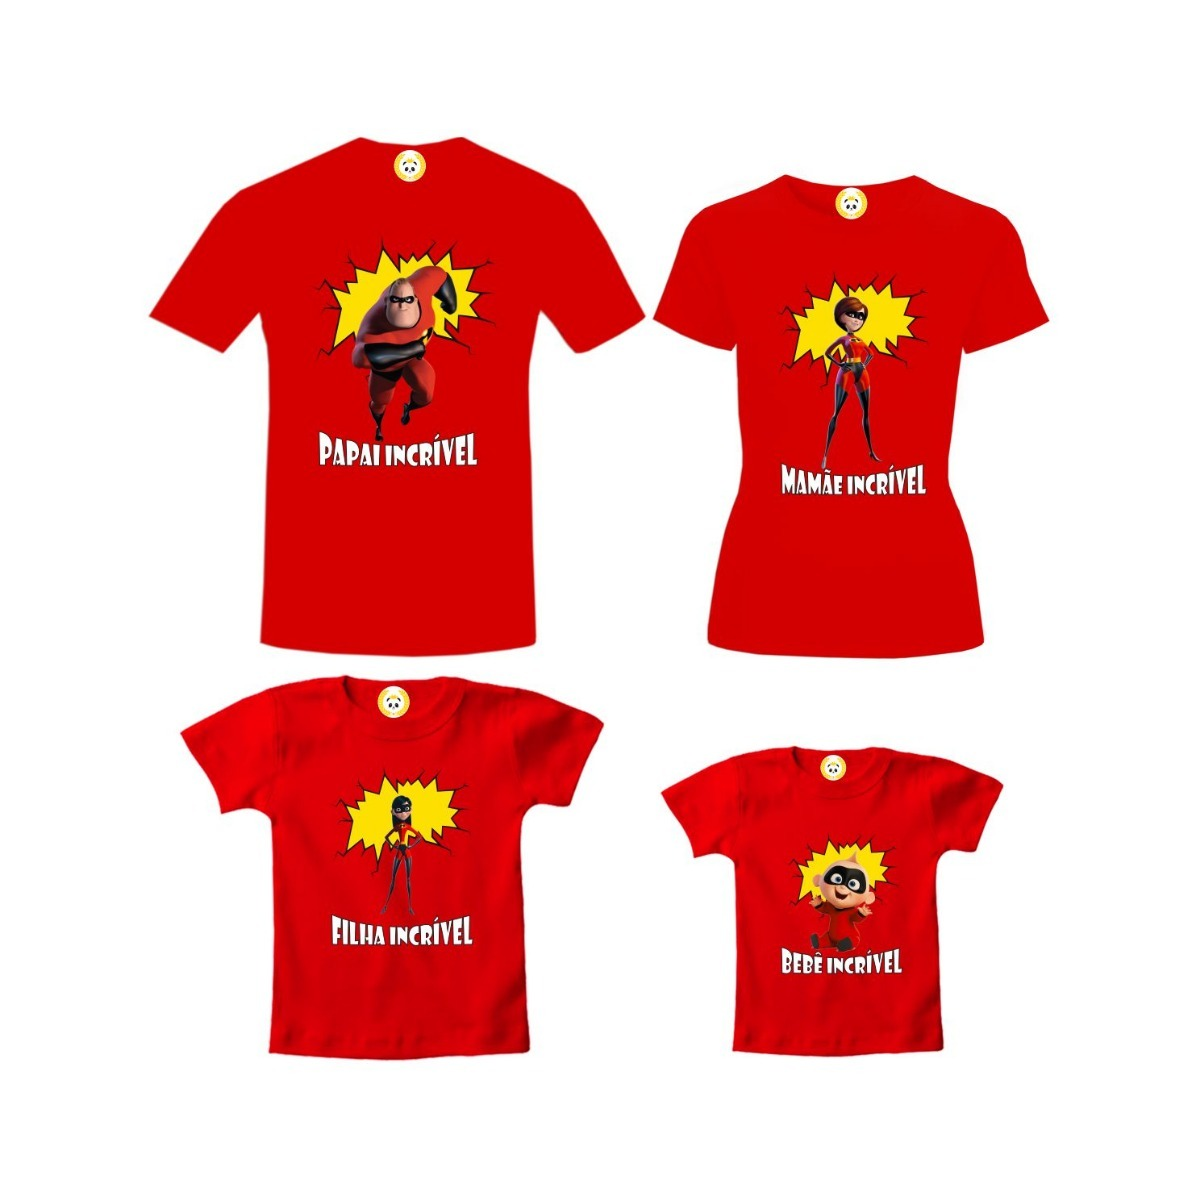 6b8f252c75 Kit Camiseta Os Incríveis Personagens Filha Algodão 4 Peças - R  199 ...